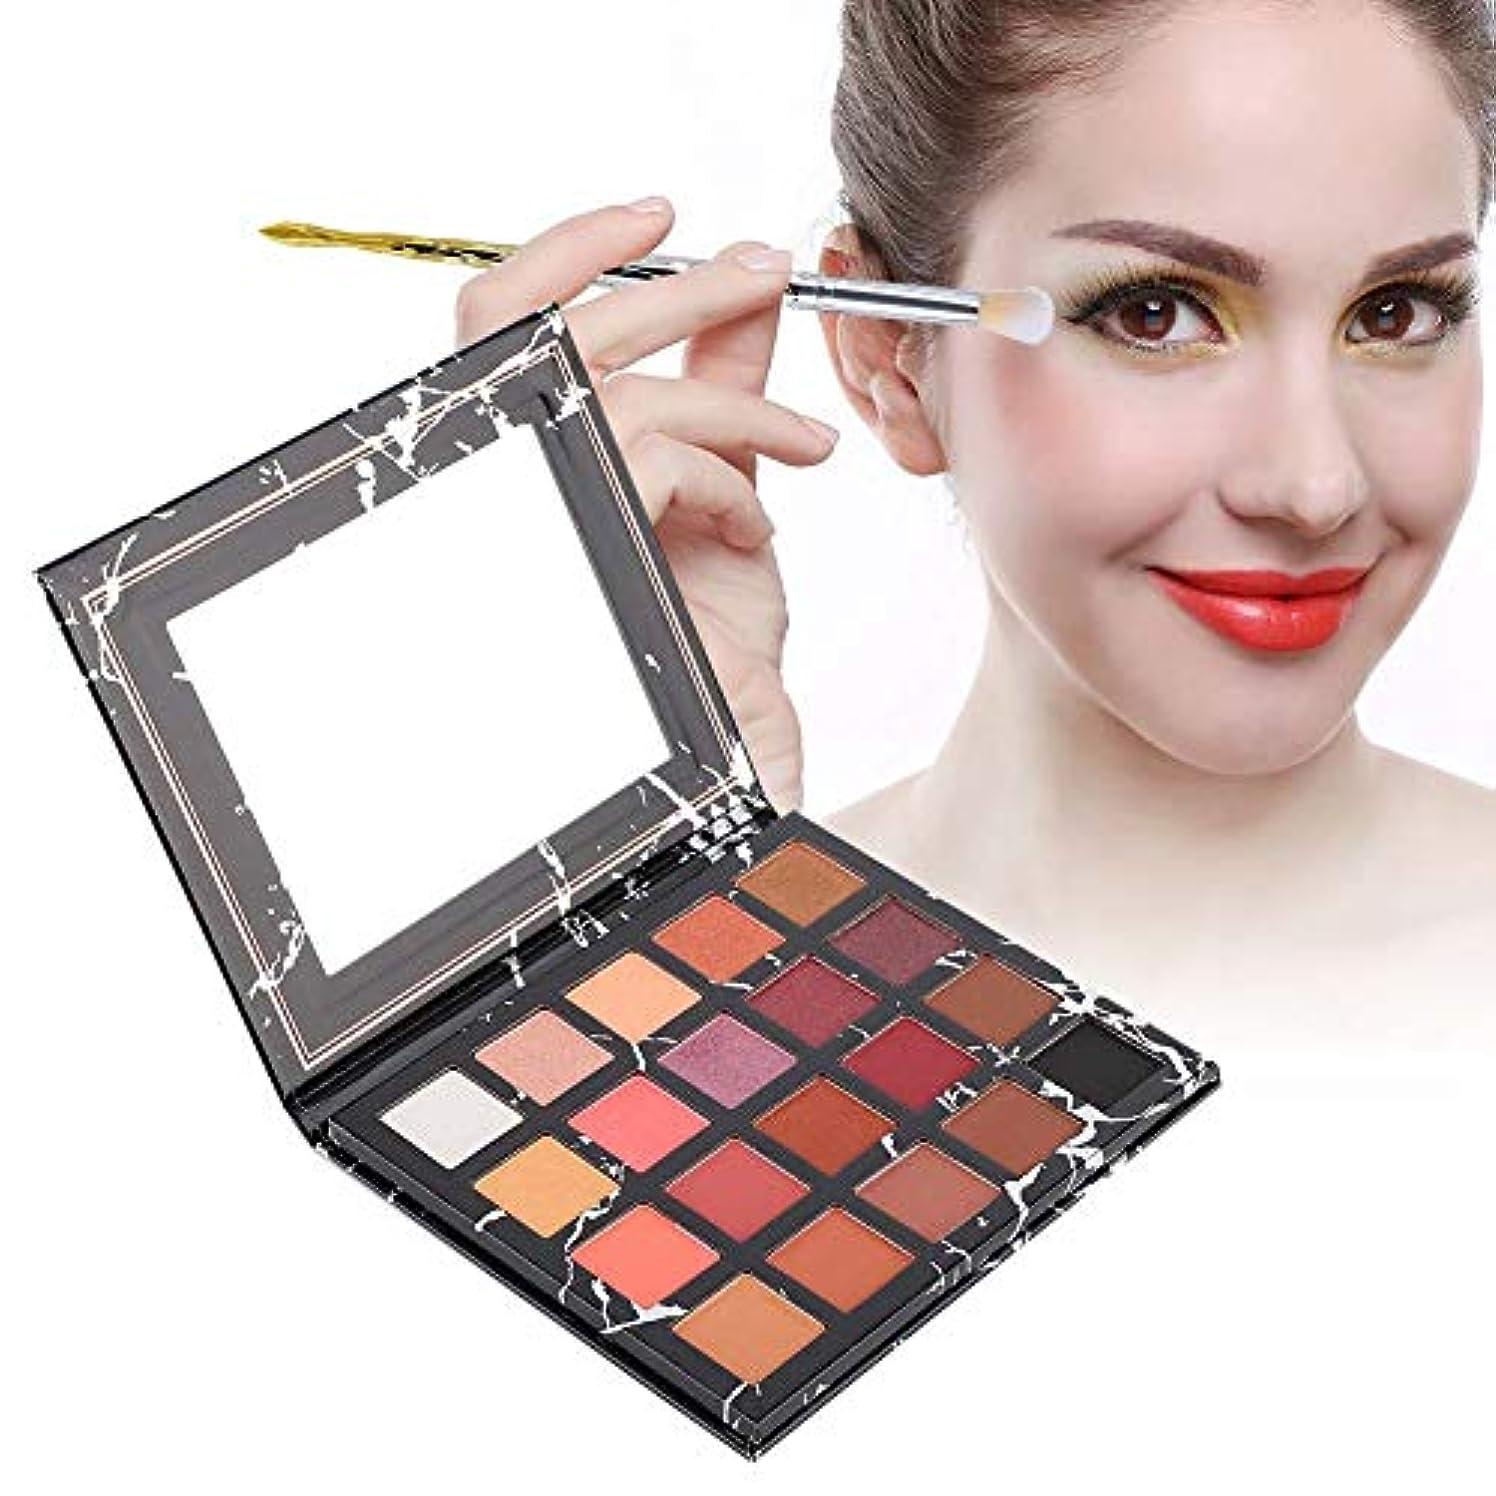 アイシャドウパレット 20色 アイシャドウパレット 化粧マット グロス アイシャドウパウダー 化粧品ツール